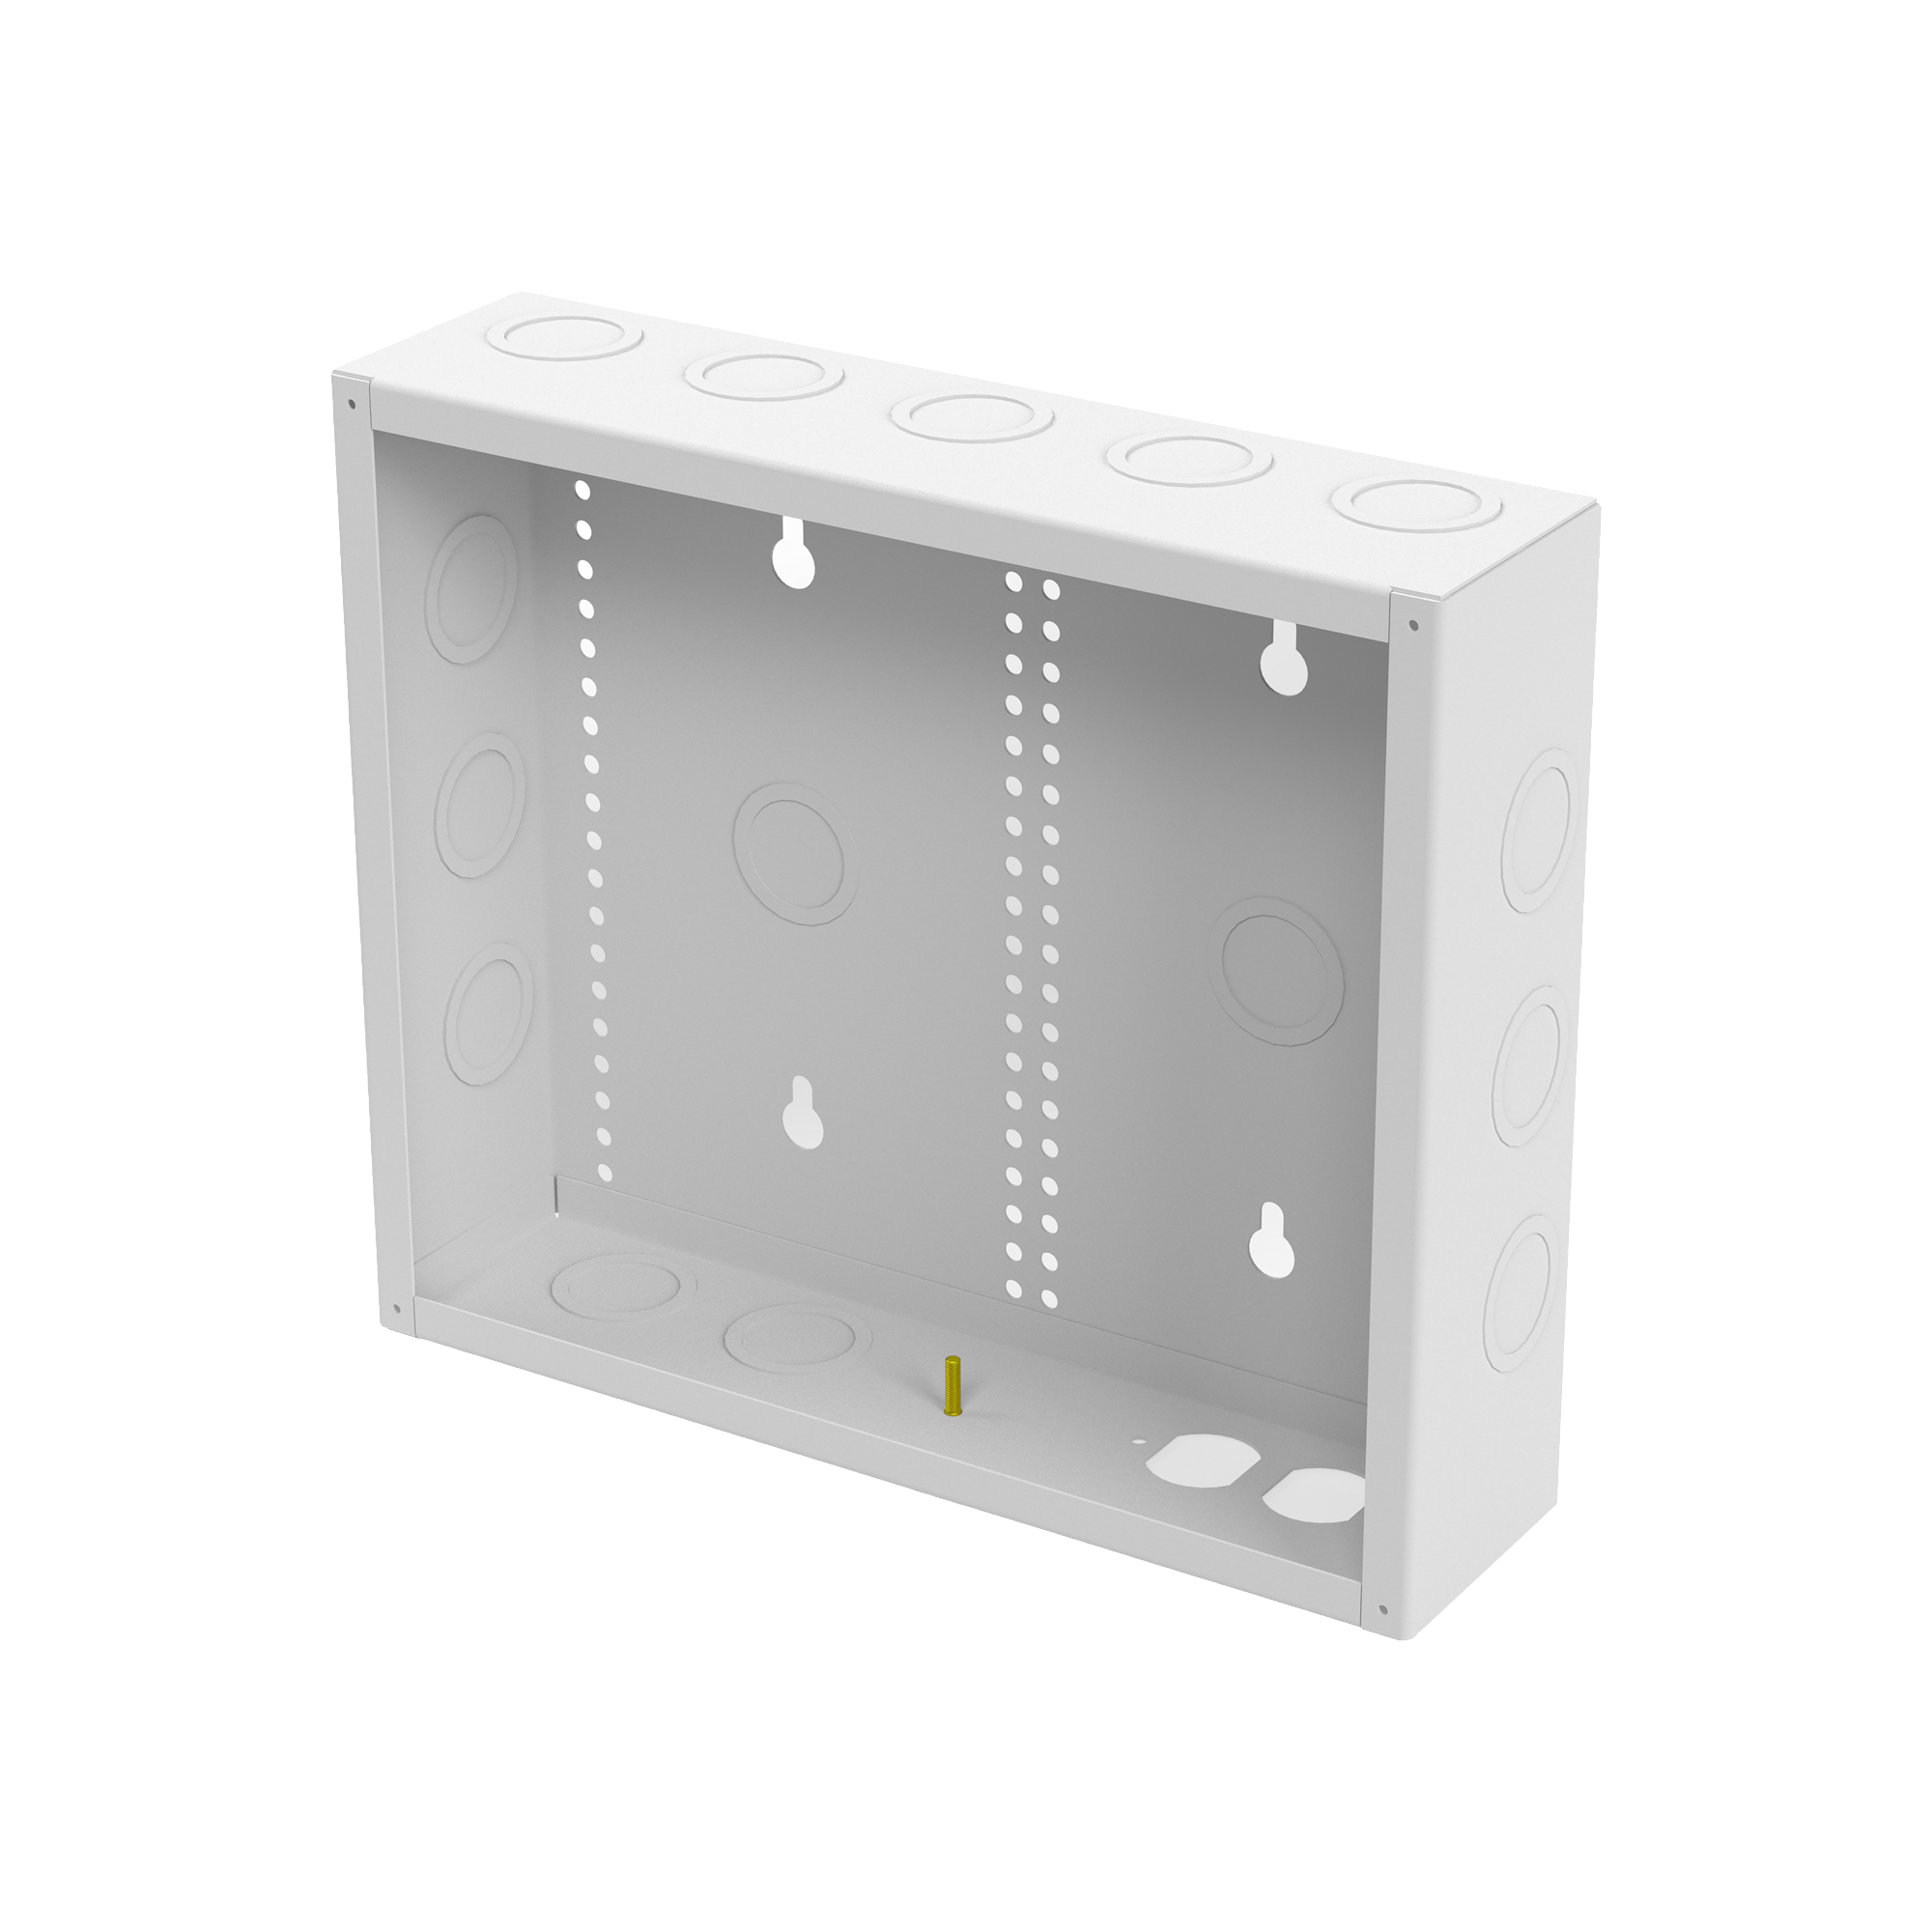 Gabinete de Medios de 12 Pulgadas para Empotrar en Pared (360 x 309 x 95 mm)